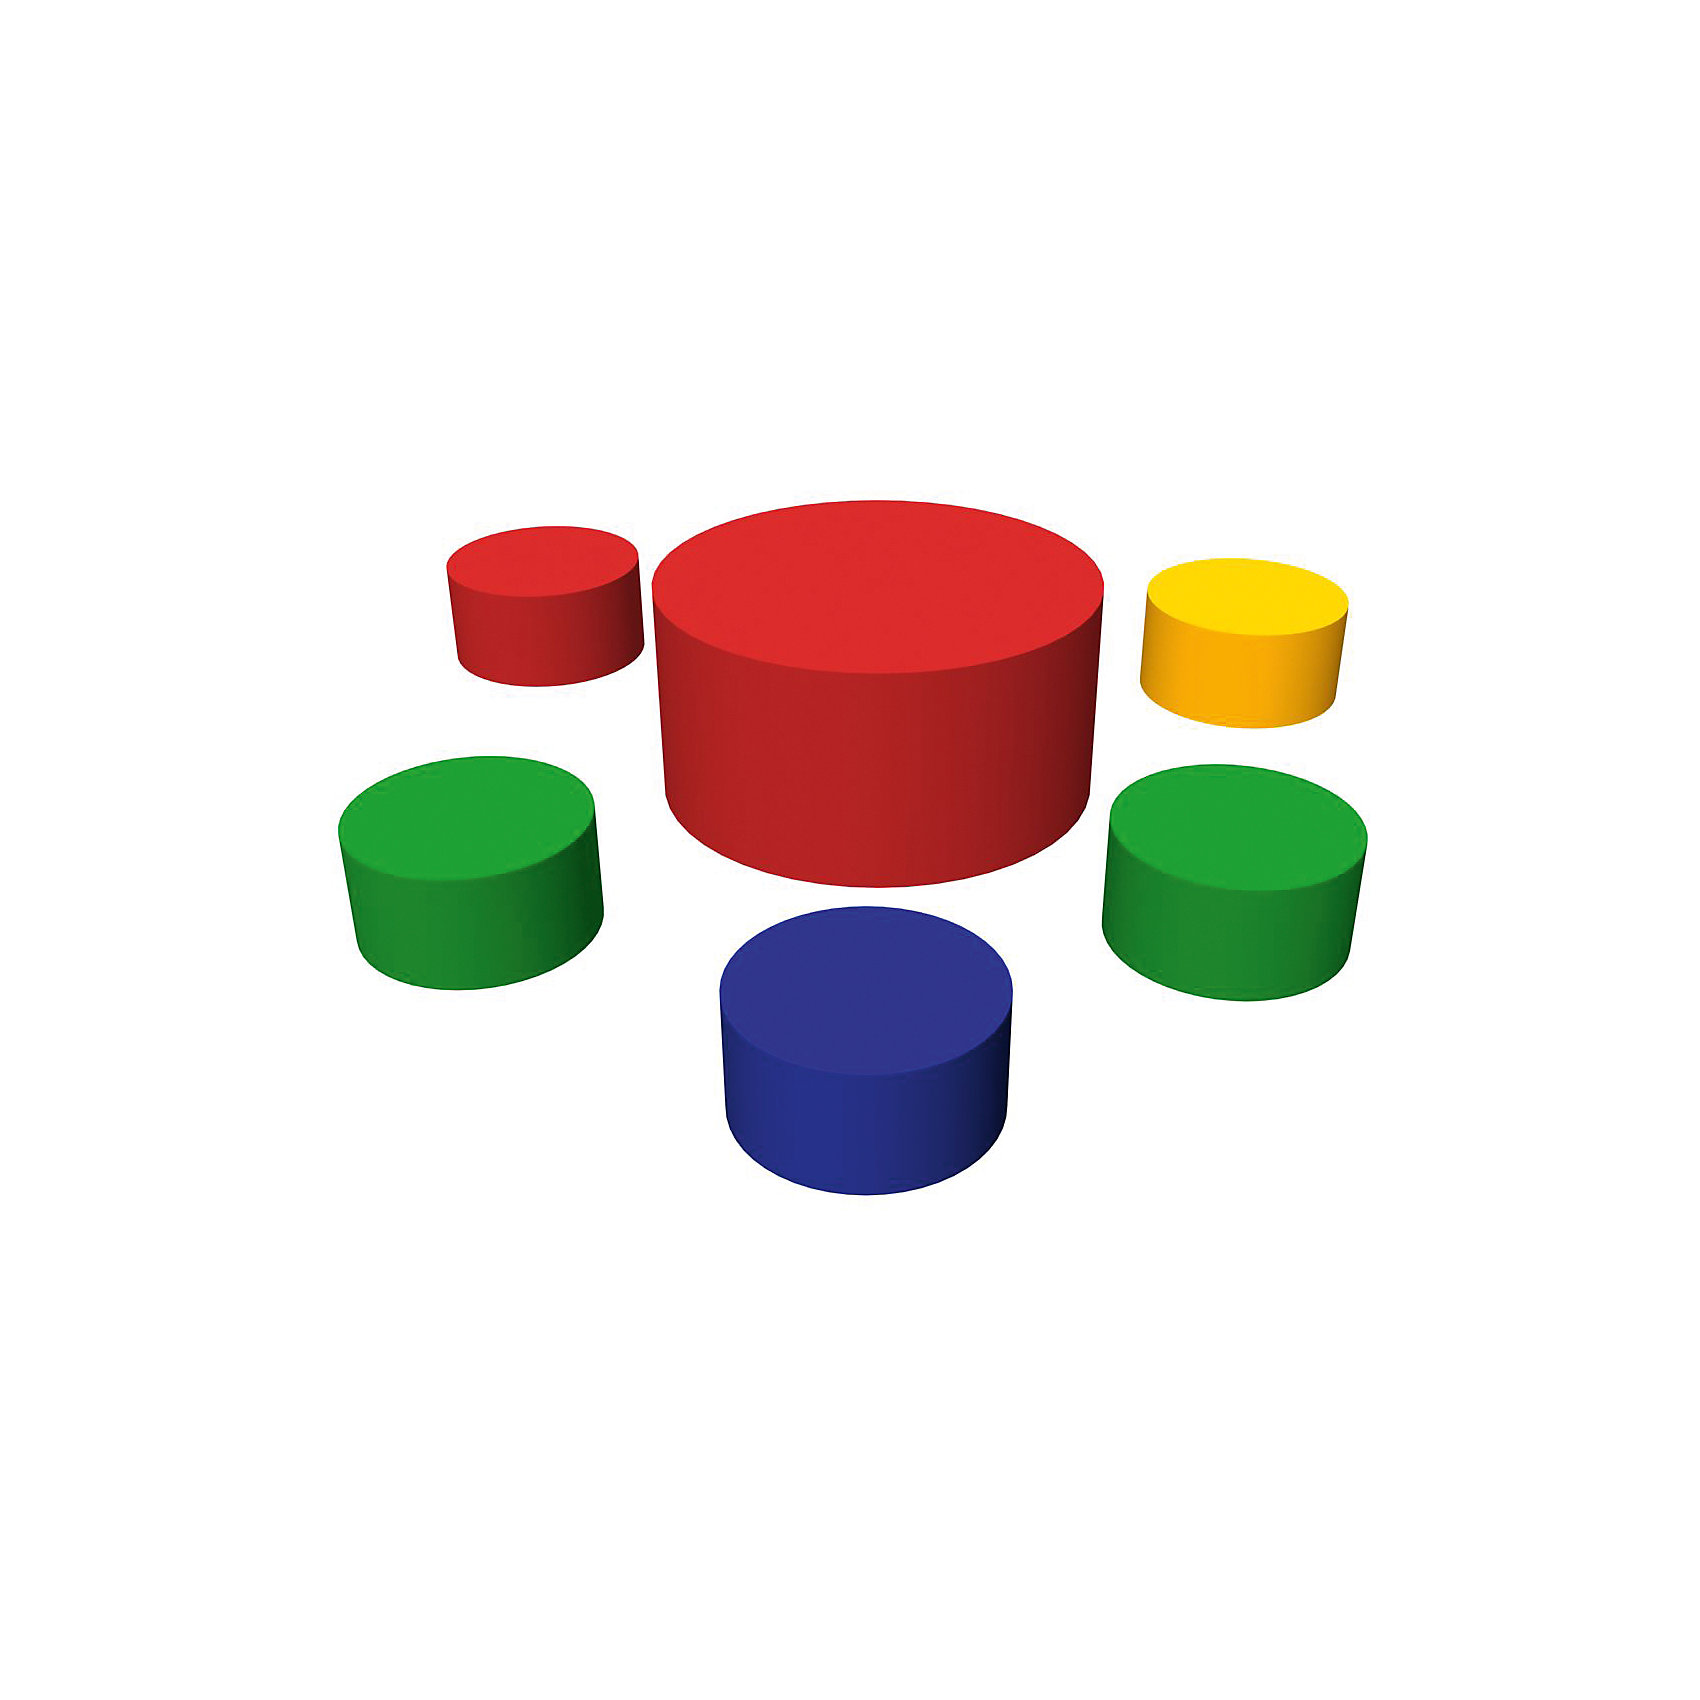 Игровая мебель 6 элементов, RomanaМебель<br>Характеристики:<br><br>• в комплекте: 5 маленьких цилиндров, 1 большой цилиндр;<br>• размер маленьких цилиндров: 30х30х15 см;<br>• размер большого цилиндра: 60х60х30 см;<br>• материал: поролон, винилискожа;<br>• размер упаковки: 30х150х150 см;<br>• вес: 7000 грамм.<br><br>В набор игровой мебели от ROMANA входят пять маленьких и один большой цилиндры. Маленькие цилиндры напоминают стульчики, а большой - стол. <br><br>В процессе игры ребенок научится различать цвета, формы и размеры. А мебель подойдет для игрового сюжета любимых игрушек. Игра с такой мебелью поможет в развитии моторики рук, пространственного и логического мышления.<br><br>Пуфы выполнены из поролона и винилискожи, что гарантирует безопасность ребенка во время игры. После использования мебель легко очищается моющими средствами.<br><br>Игровую мебель 6 элементов, Romana (Романа) вы можете купить в нашем интернет-магазине.<br><br>Ширина мм: 1500<br>Глубина мм: 1500<br>Высота мм: 300<br>Вес г: 7000<br>Возраст от месяцев: 36<br>Возраст до месяцев: 60<br>Пол: Унисекс<br>Возраст: Детский<br>SKU: 6742455